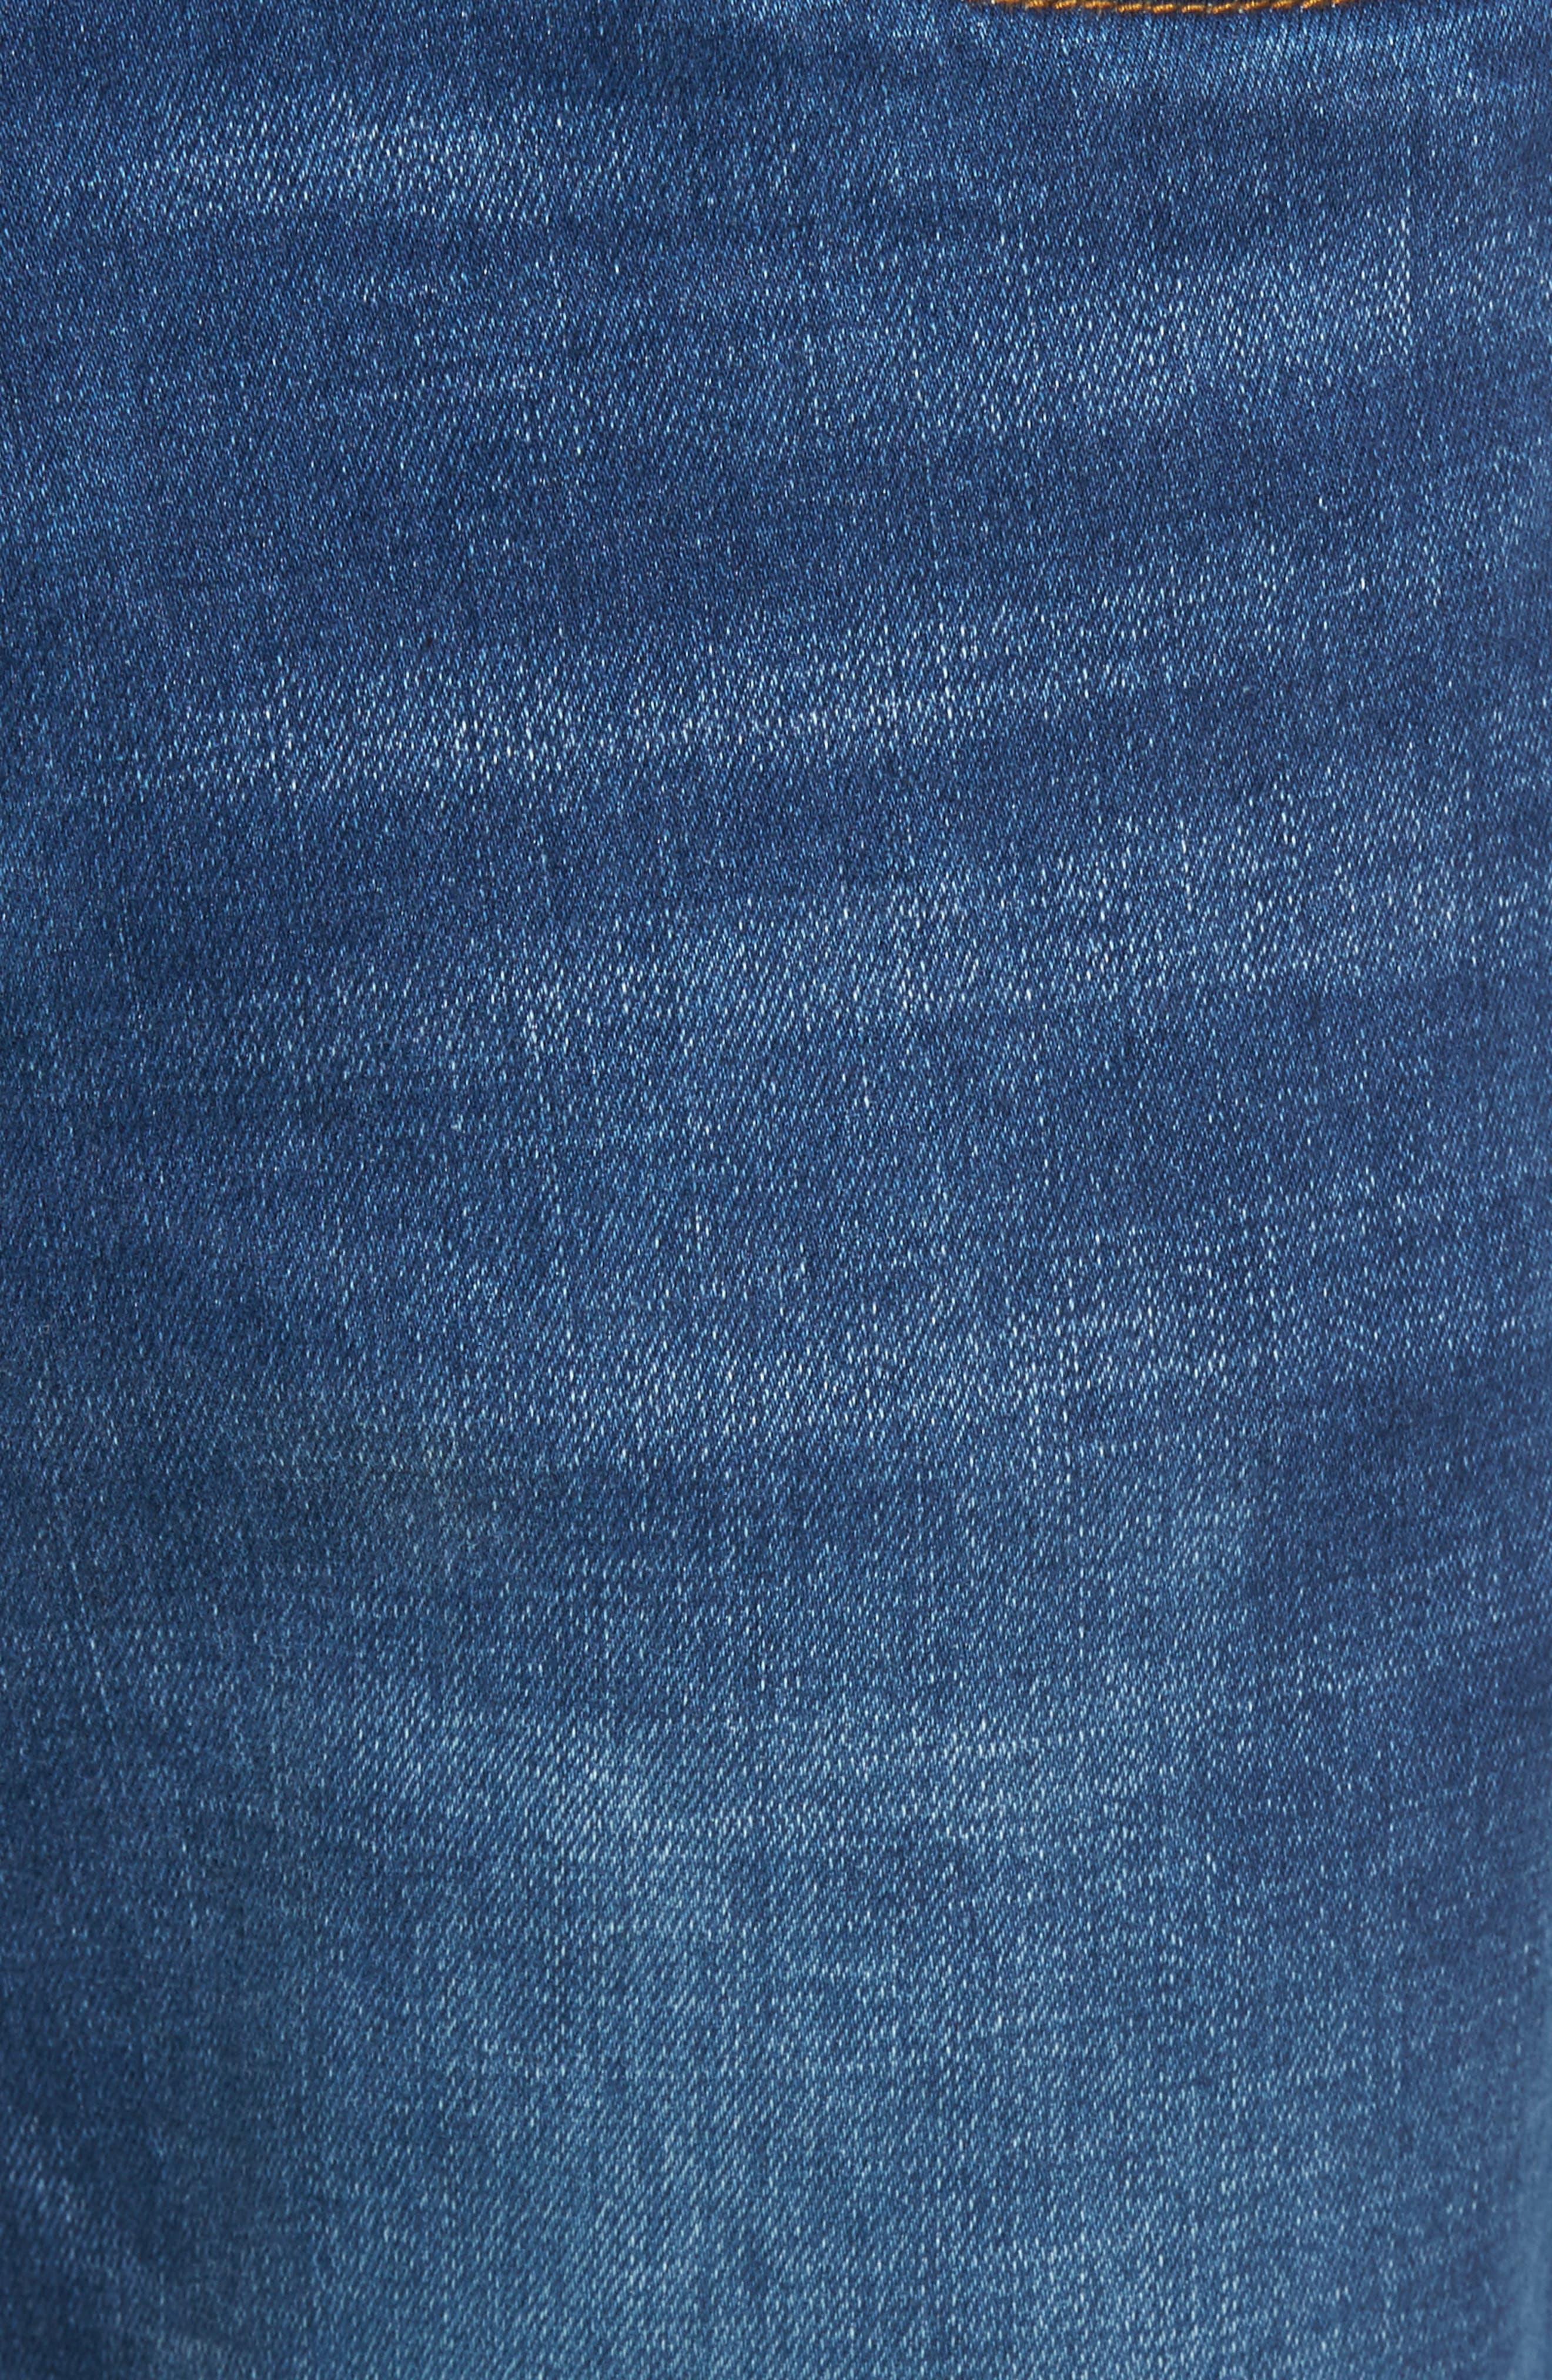 Caicos Authentic Fit Jeans,                             Alternate thumbnail 5, color,